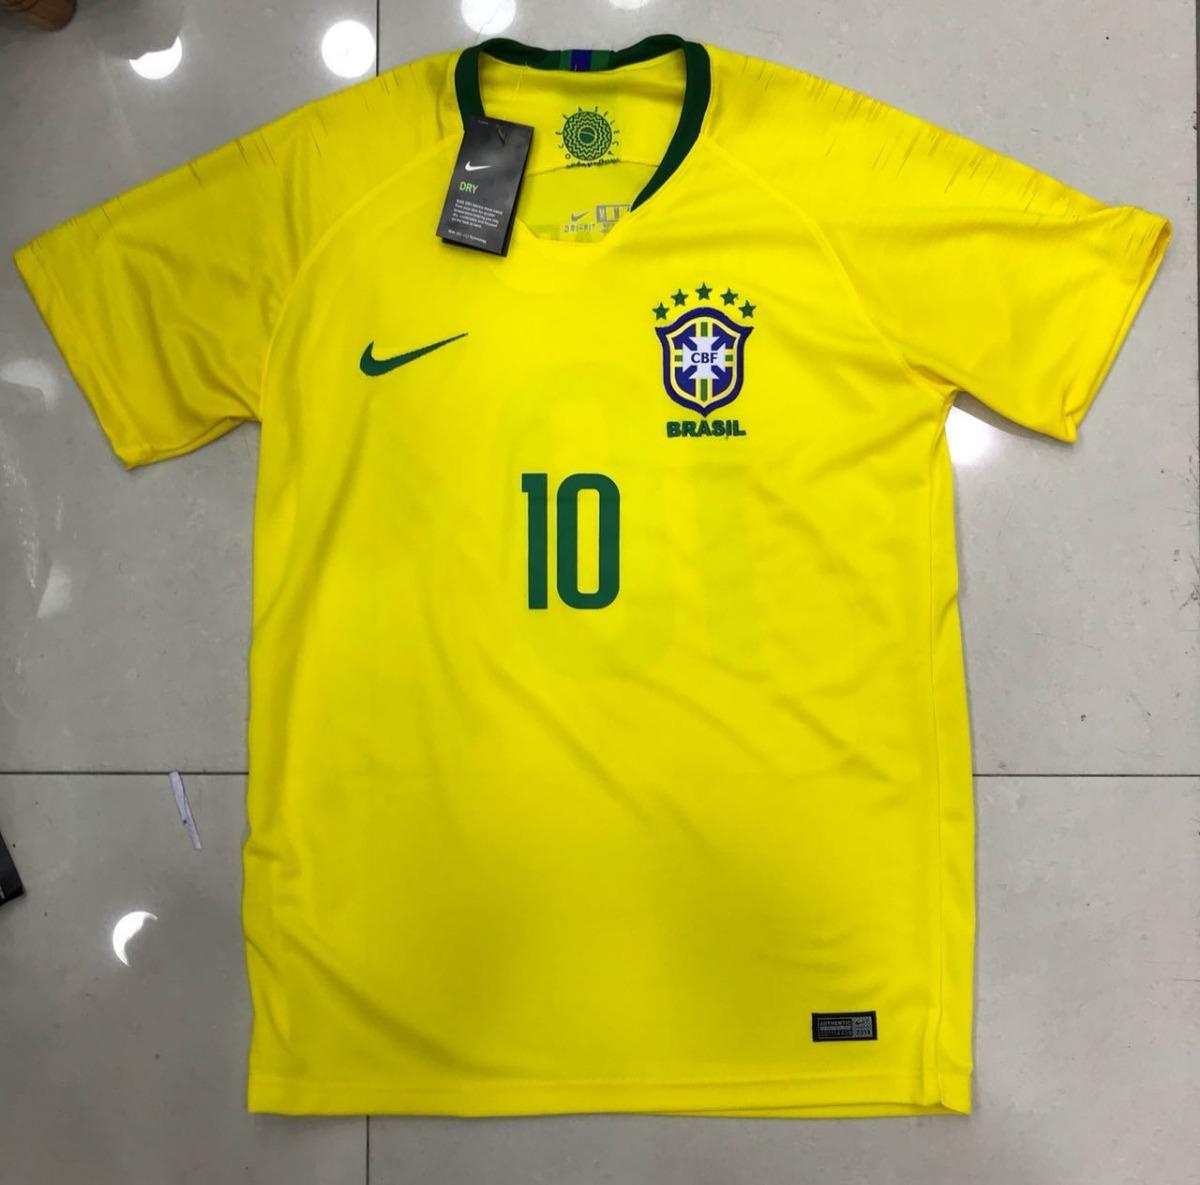 camisa seleção brasileira 2017 2018 - mega oferta aproveite! Carregando zoom . 7c199a316a2f1